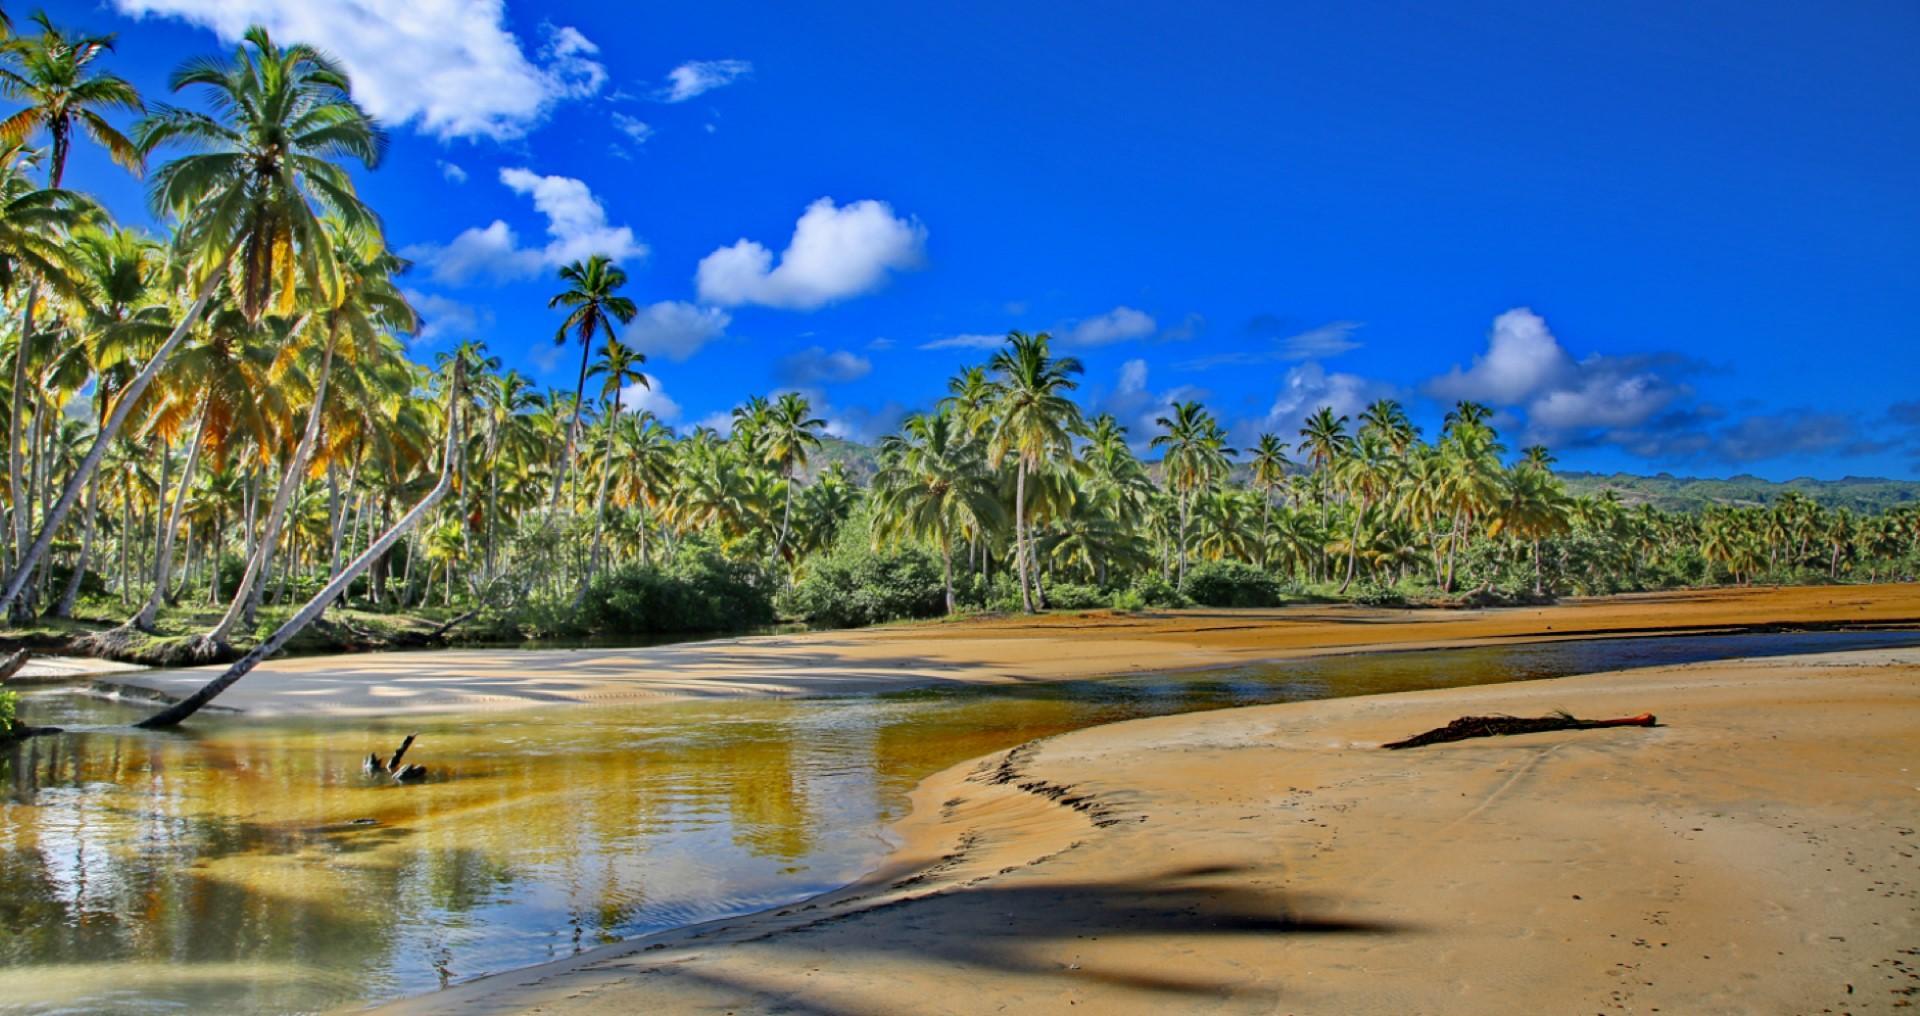 Donnavventura: la Repubblica Dominicana in canoa